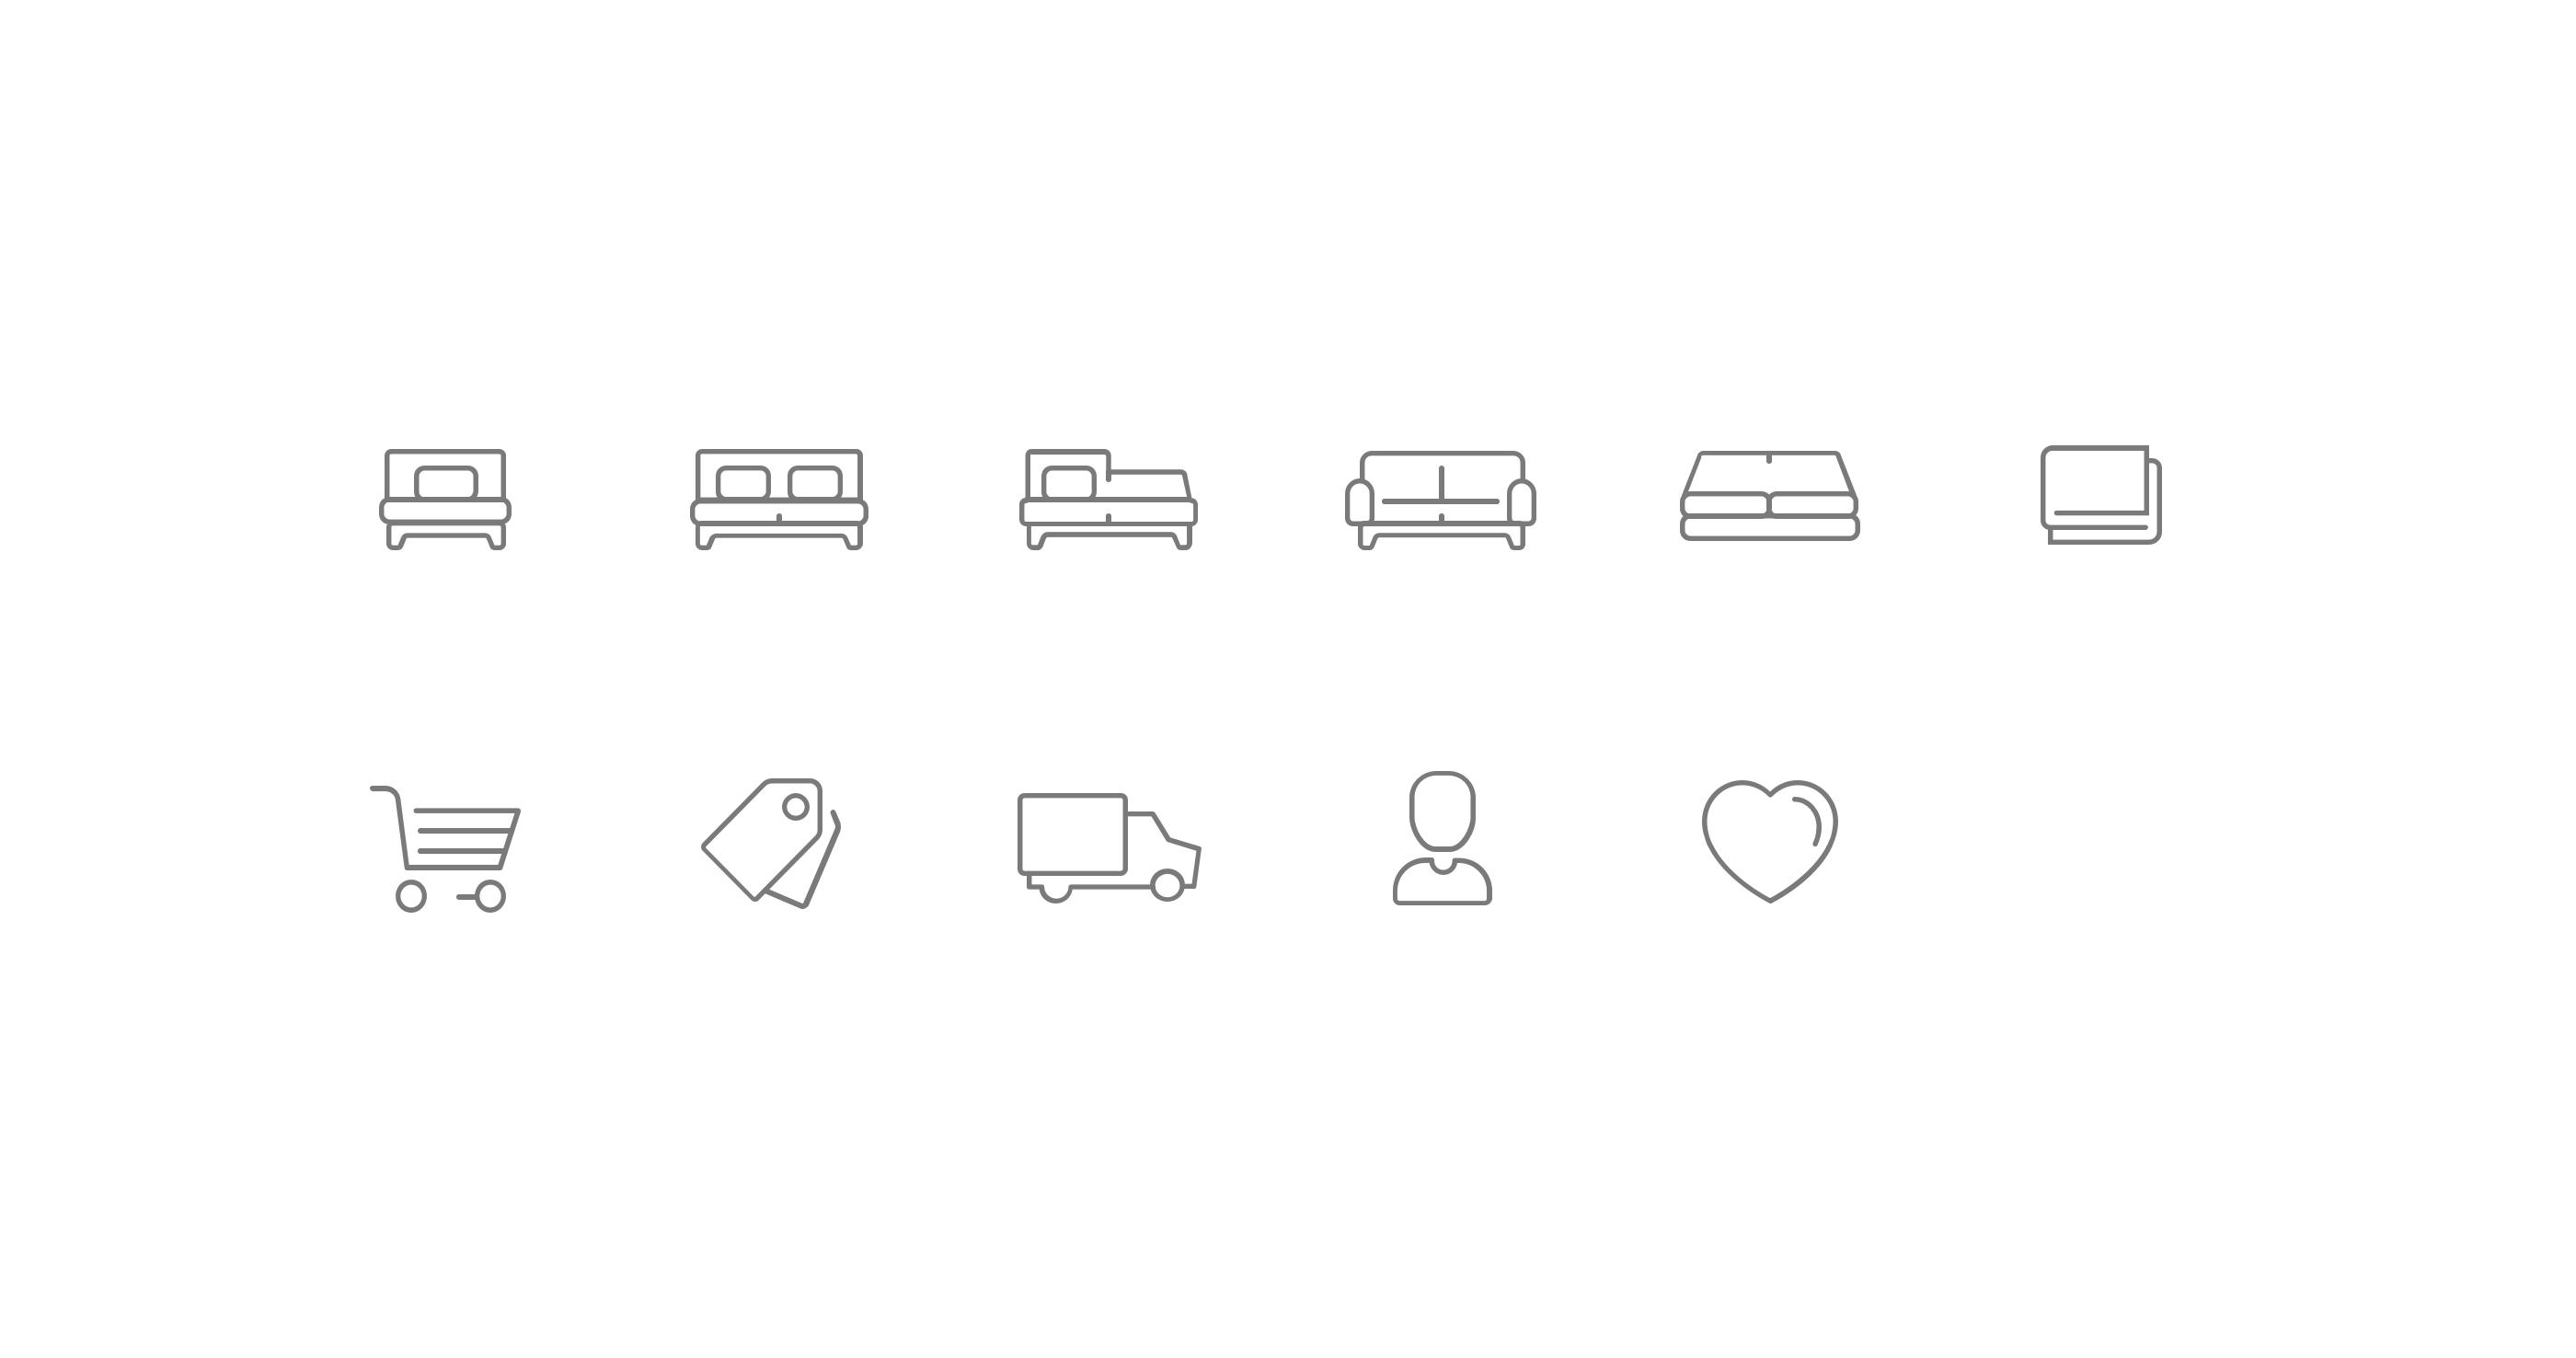 04_01_icons_branding_Bedre Nætter magento website_by_basov_design